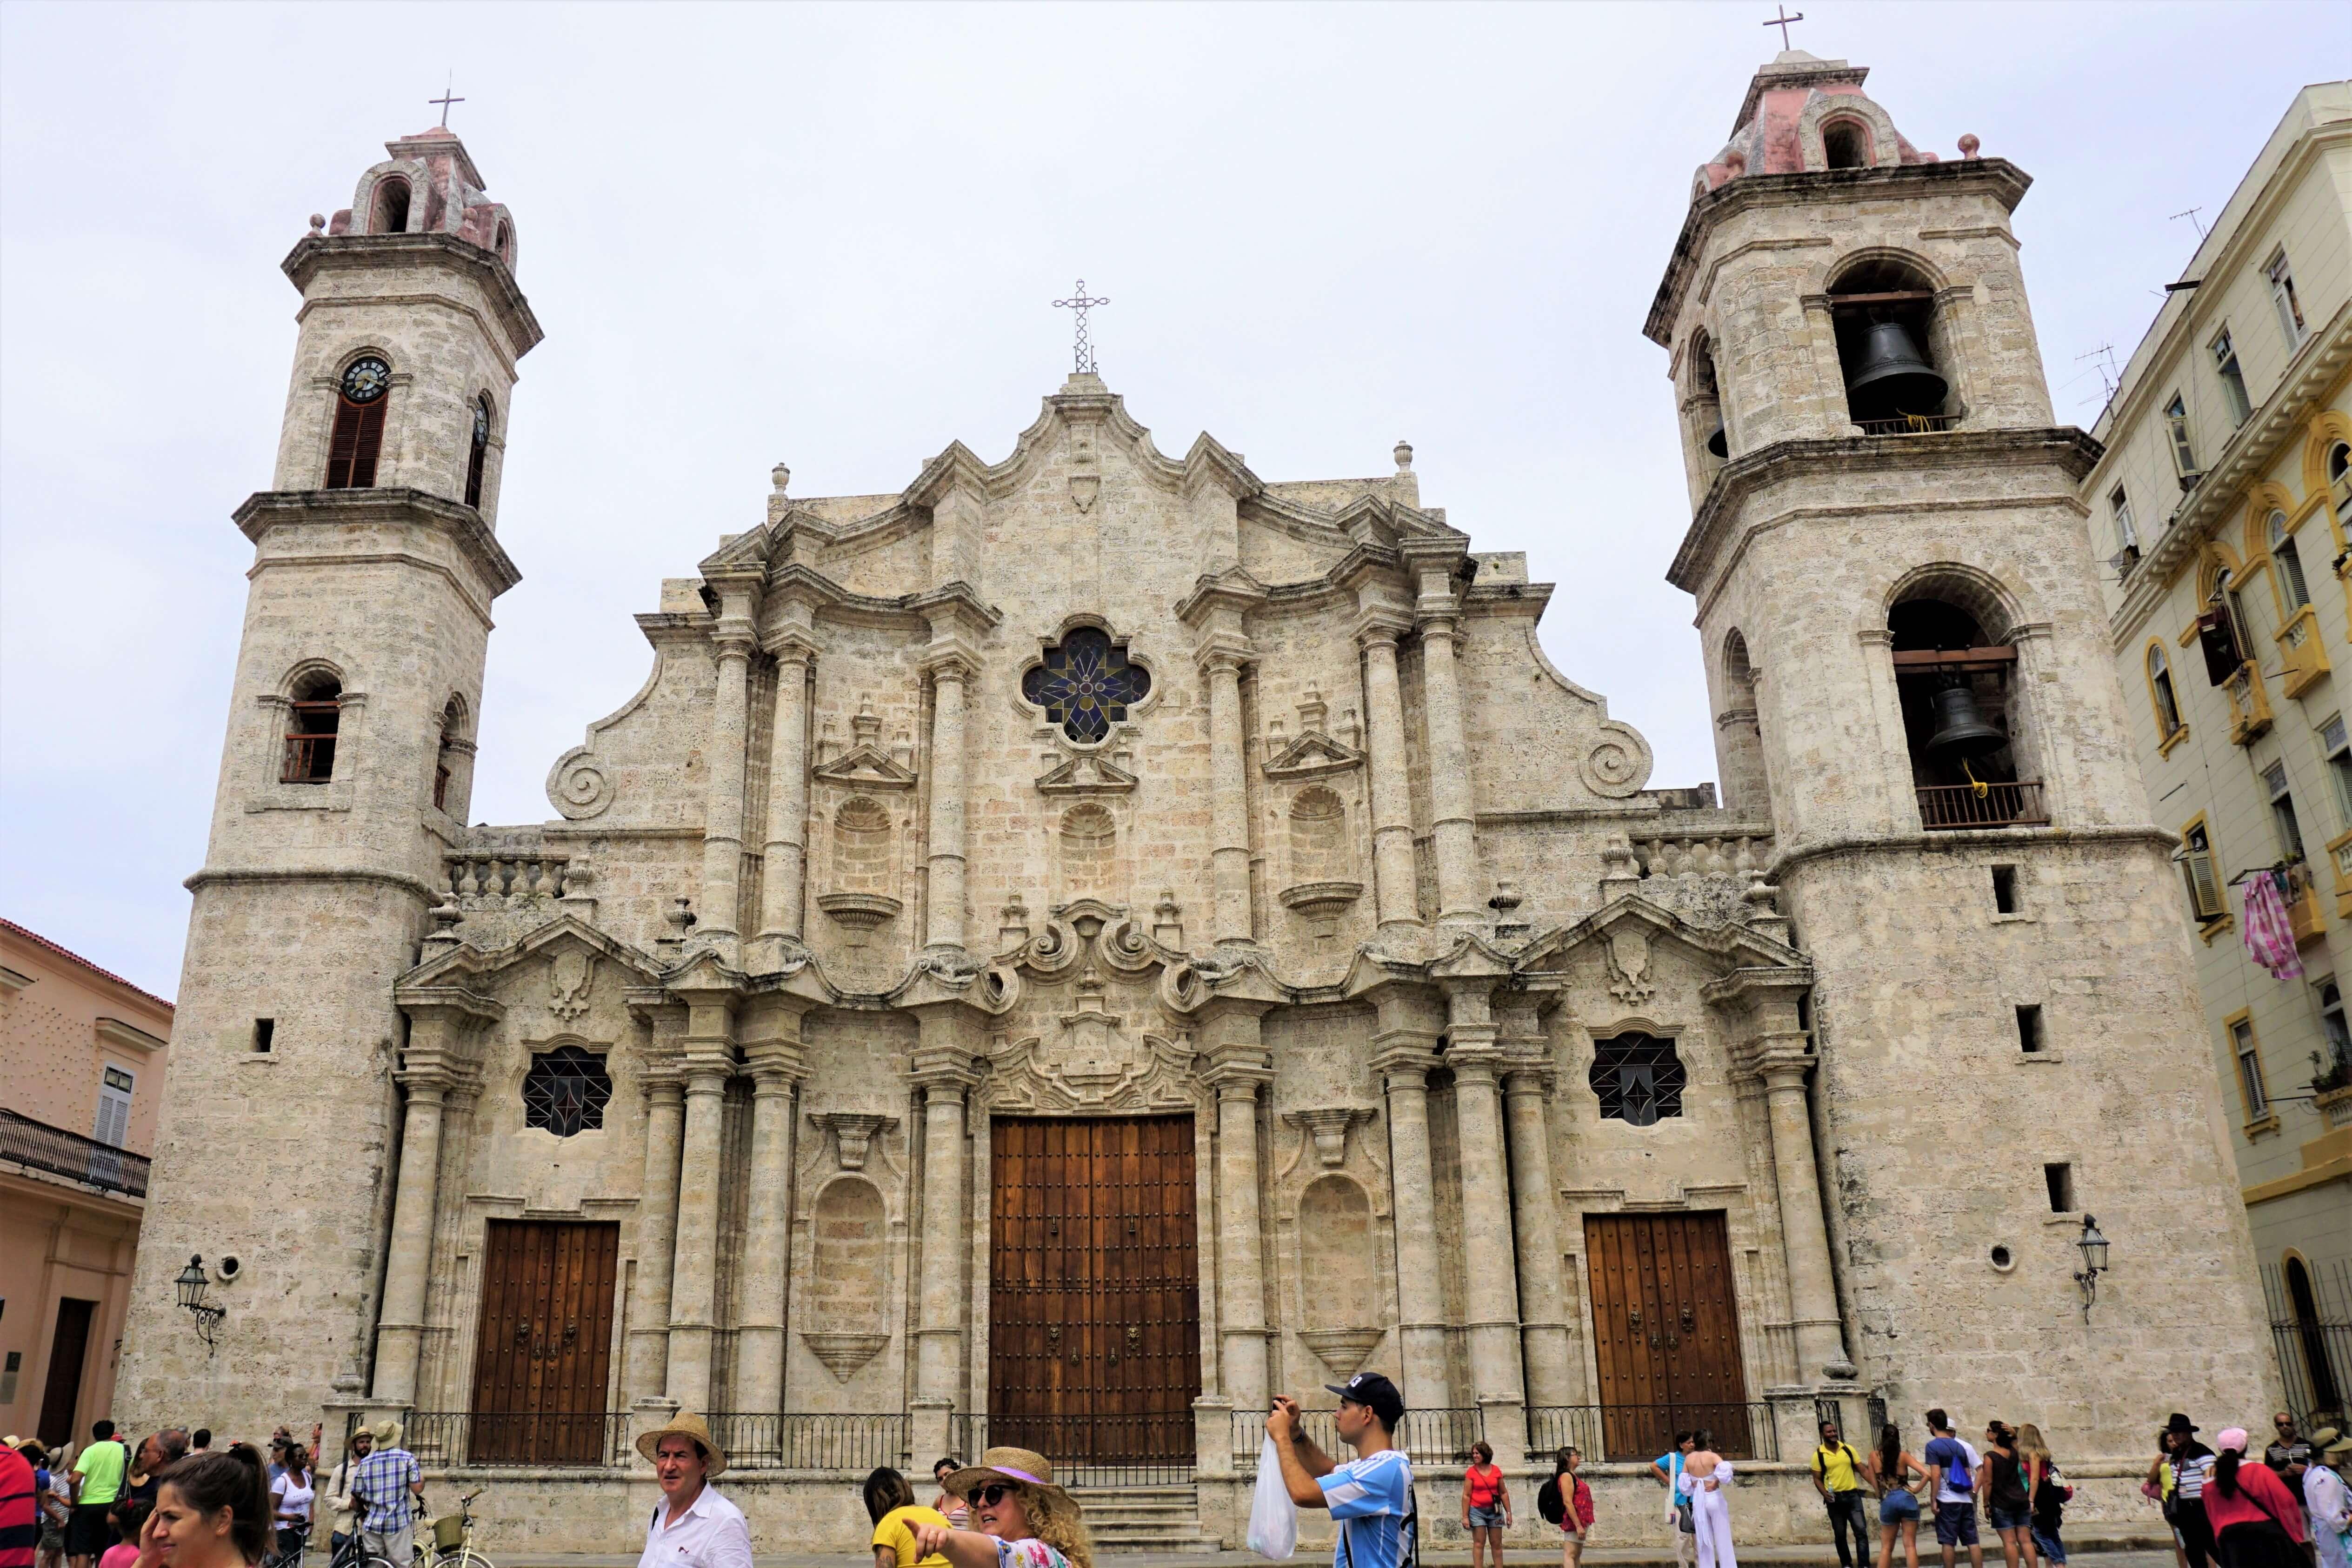 Catedral de San Cristobal located in Plaza de al Catedral